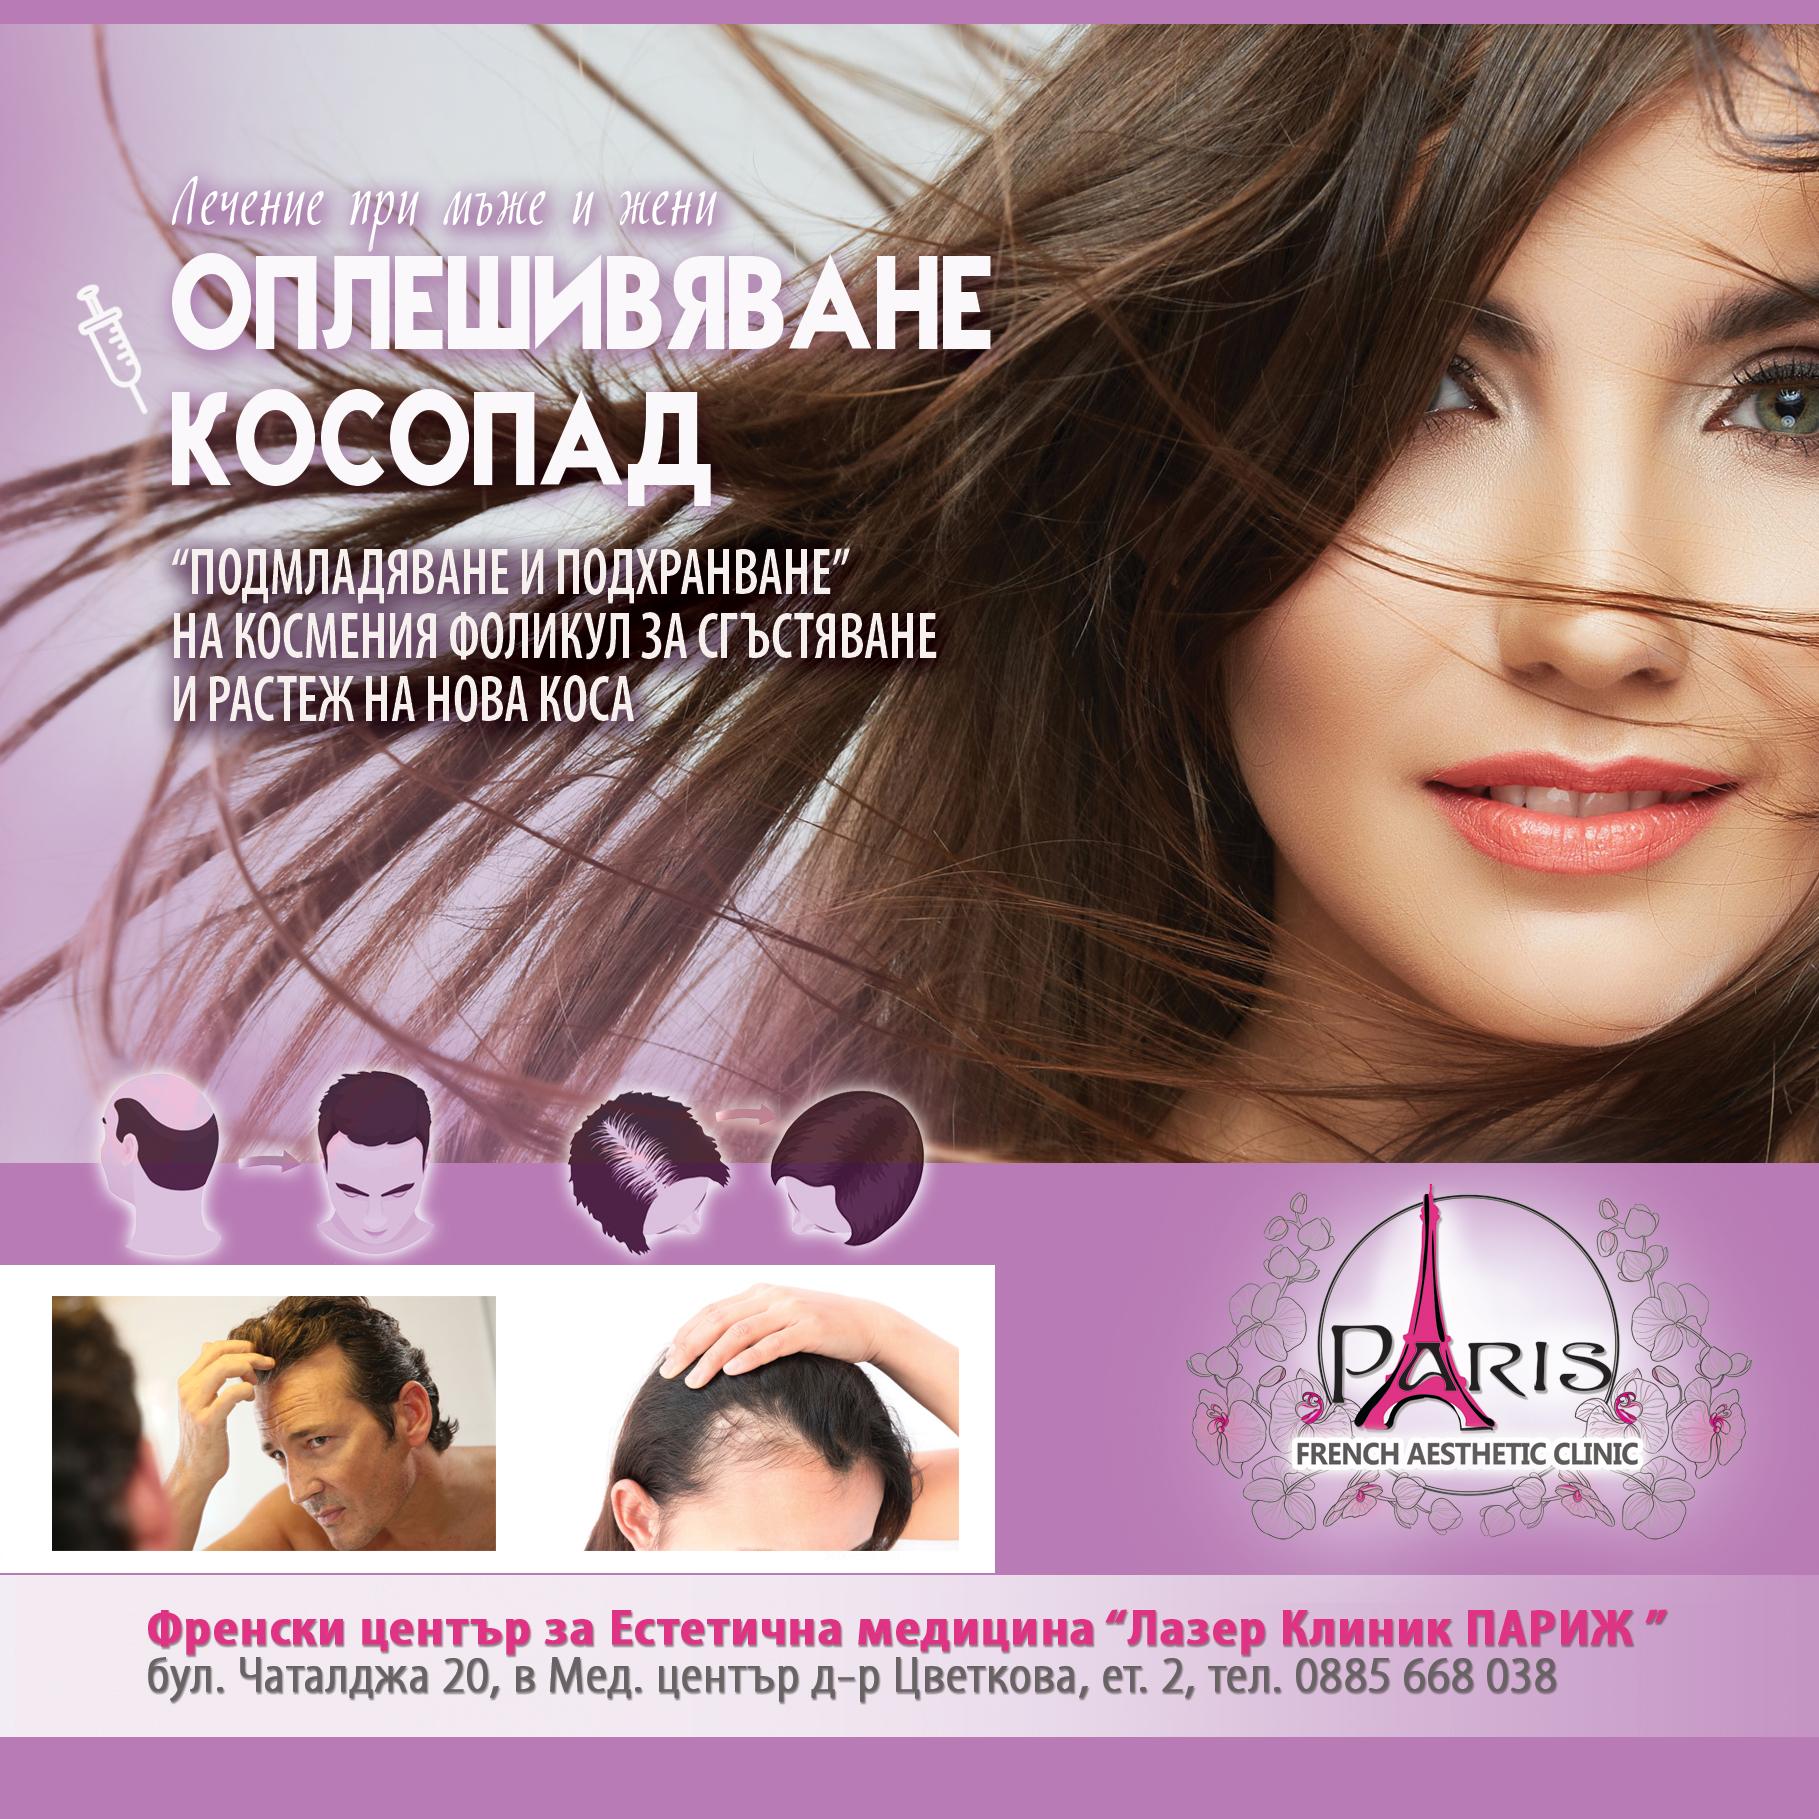 Лечение на косопад и оплешивяване при мъже и жени - Лазер Клиник Париж